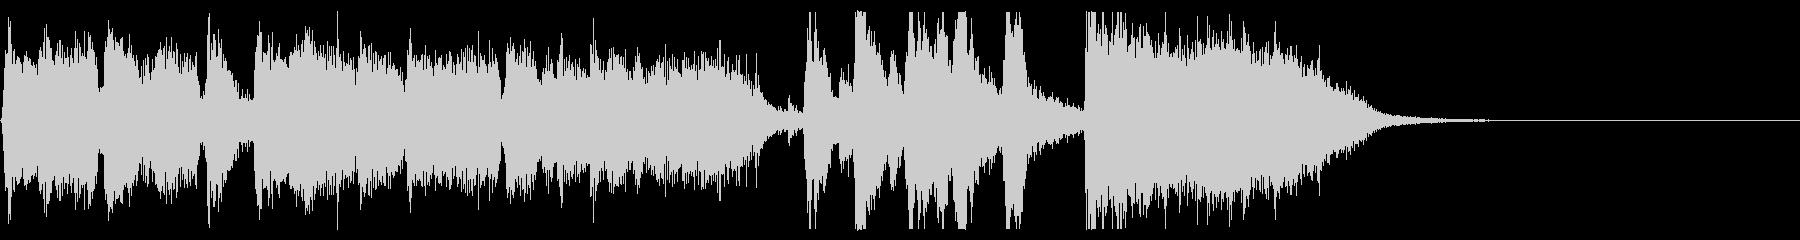 ジングル15秒・生演奏ジャズビッグバンドの未再生の波形